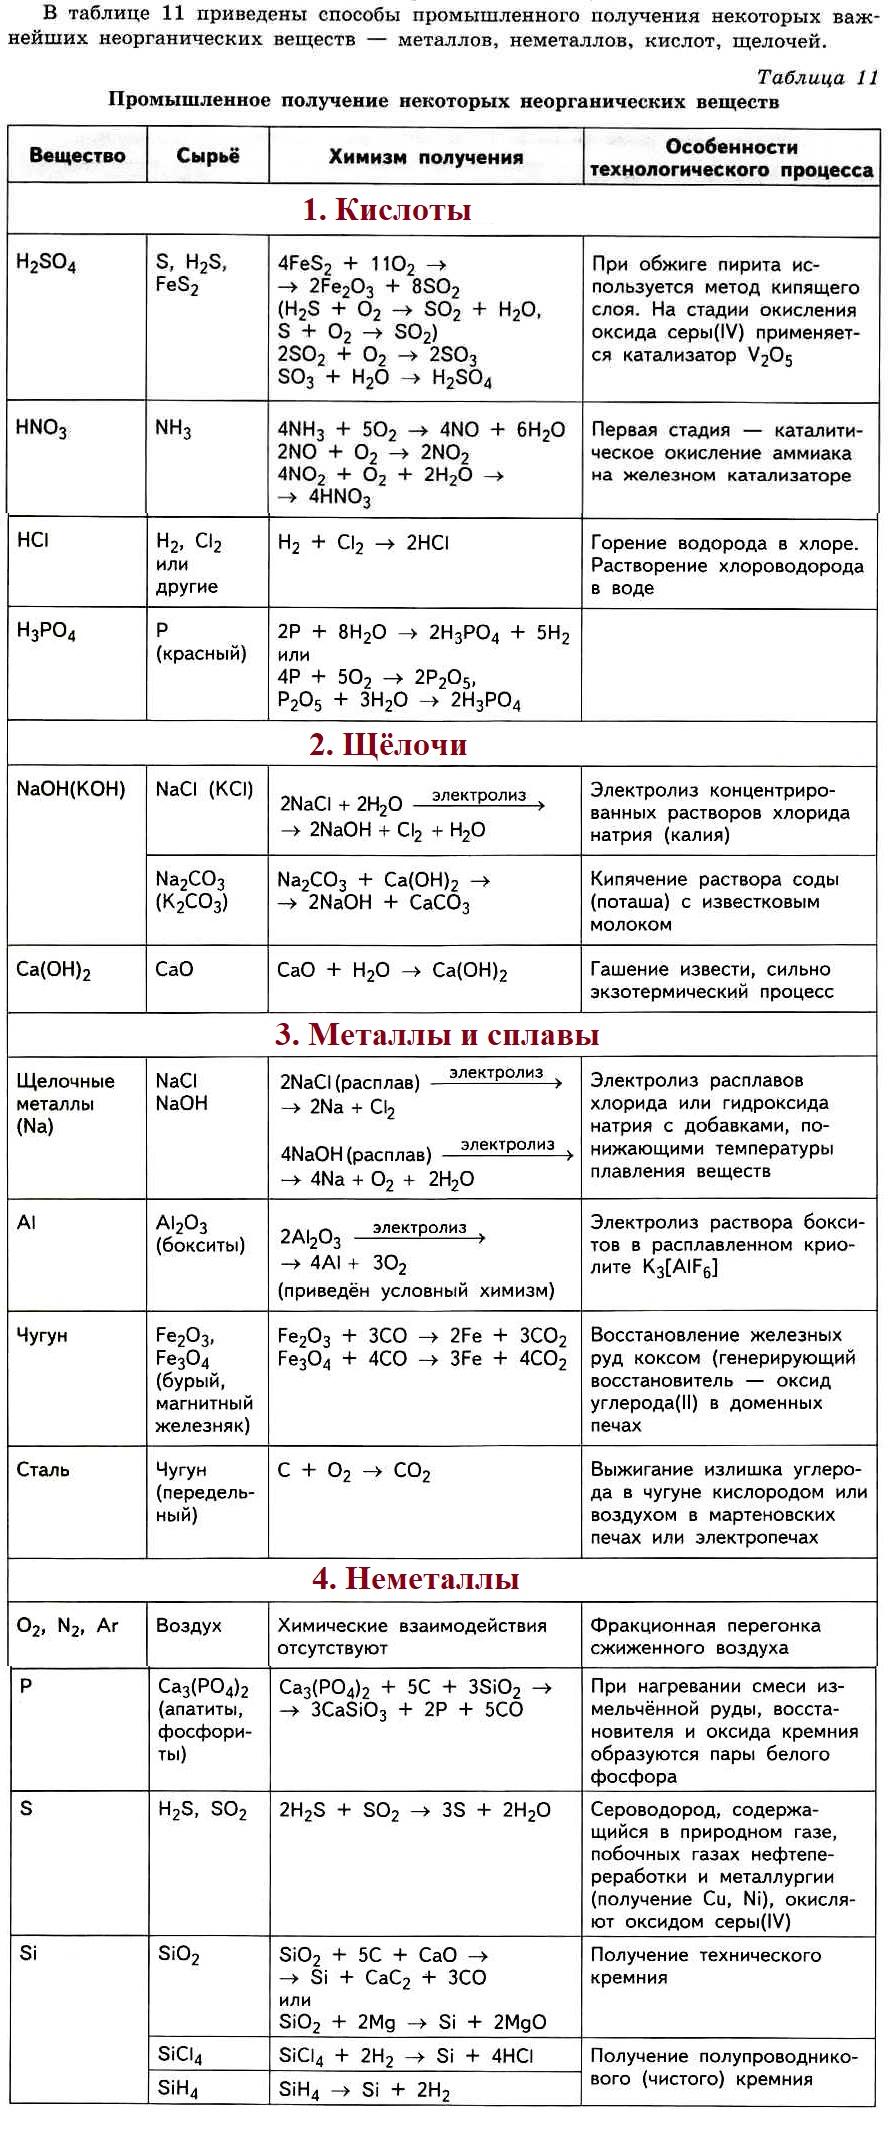 Все формулы в химии для решения задач в помощь студентам библиотека